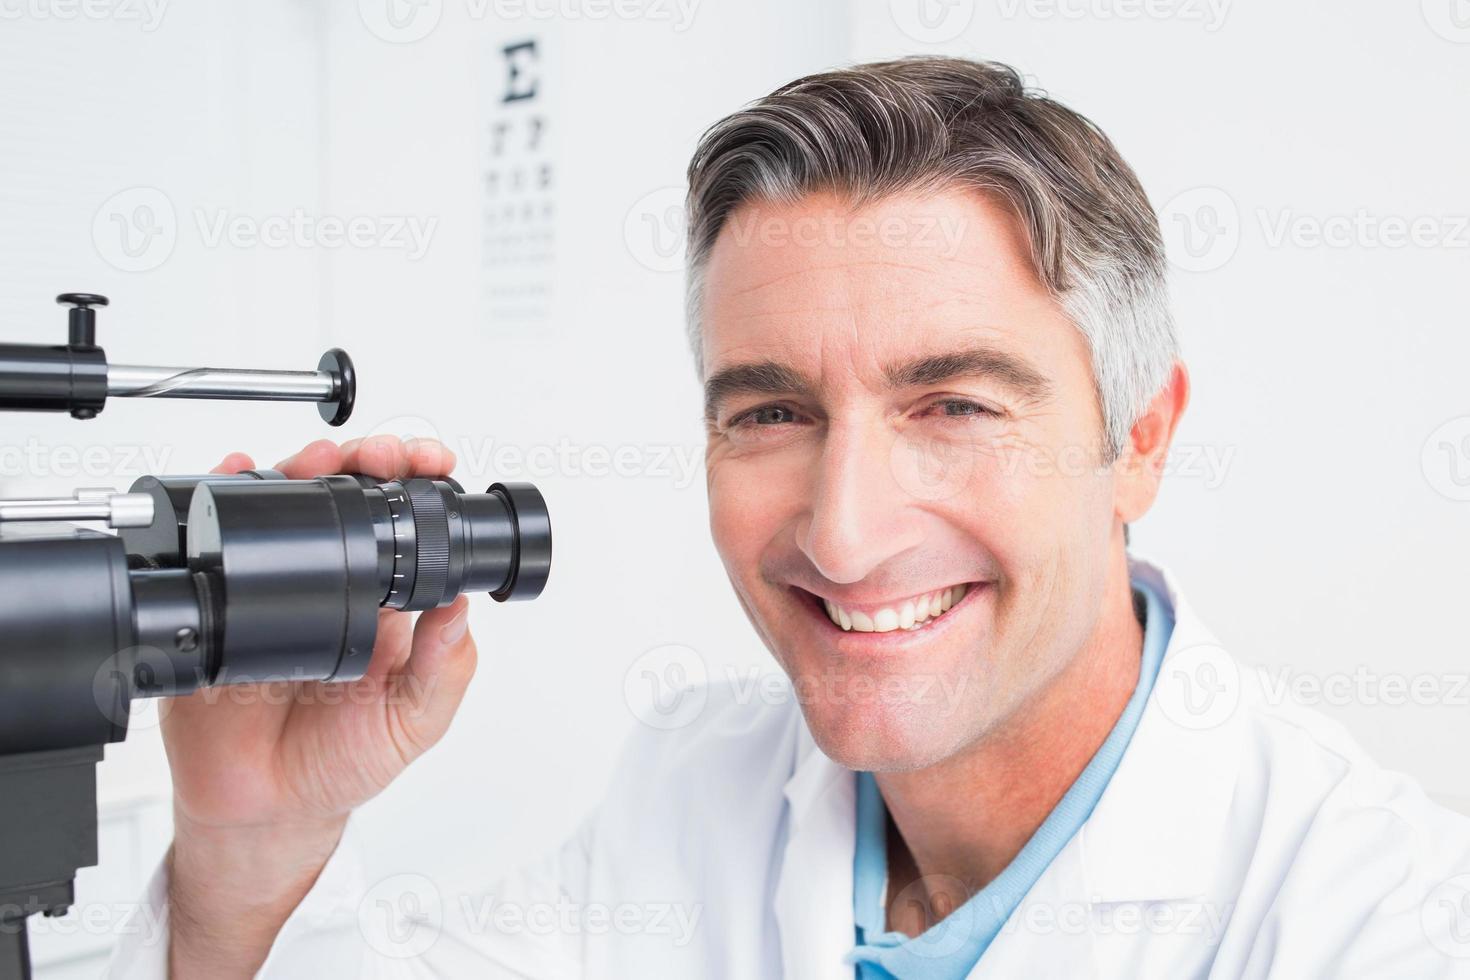 glücklicher Optiker mit Spaltlampe in der Klinik foto